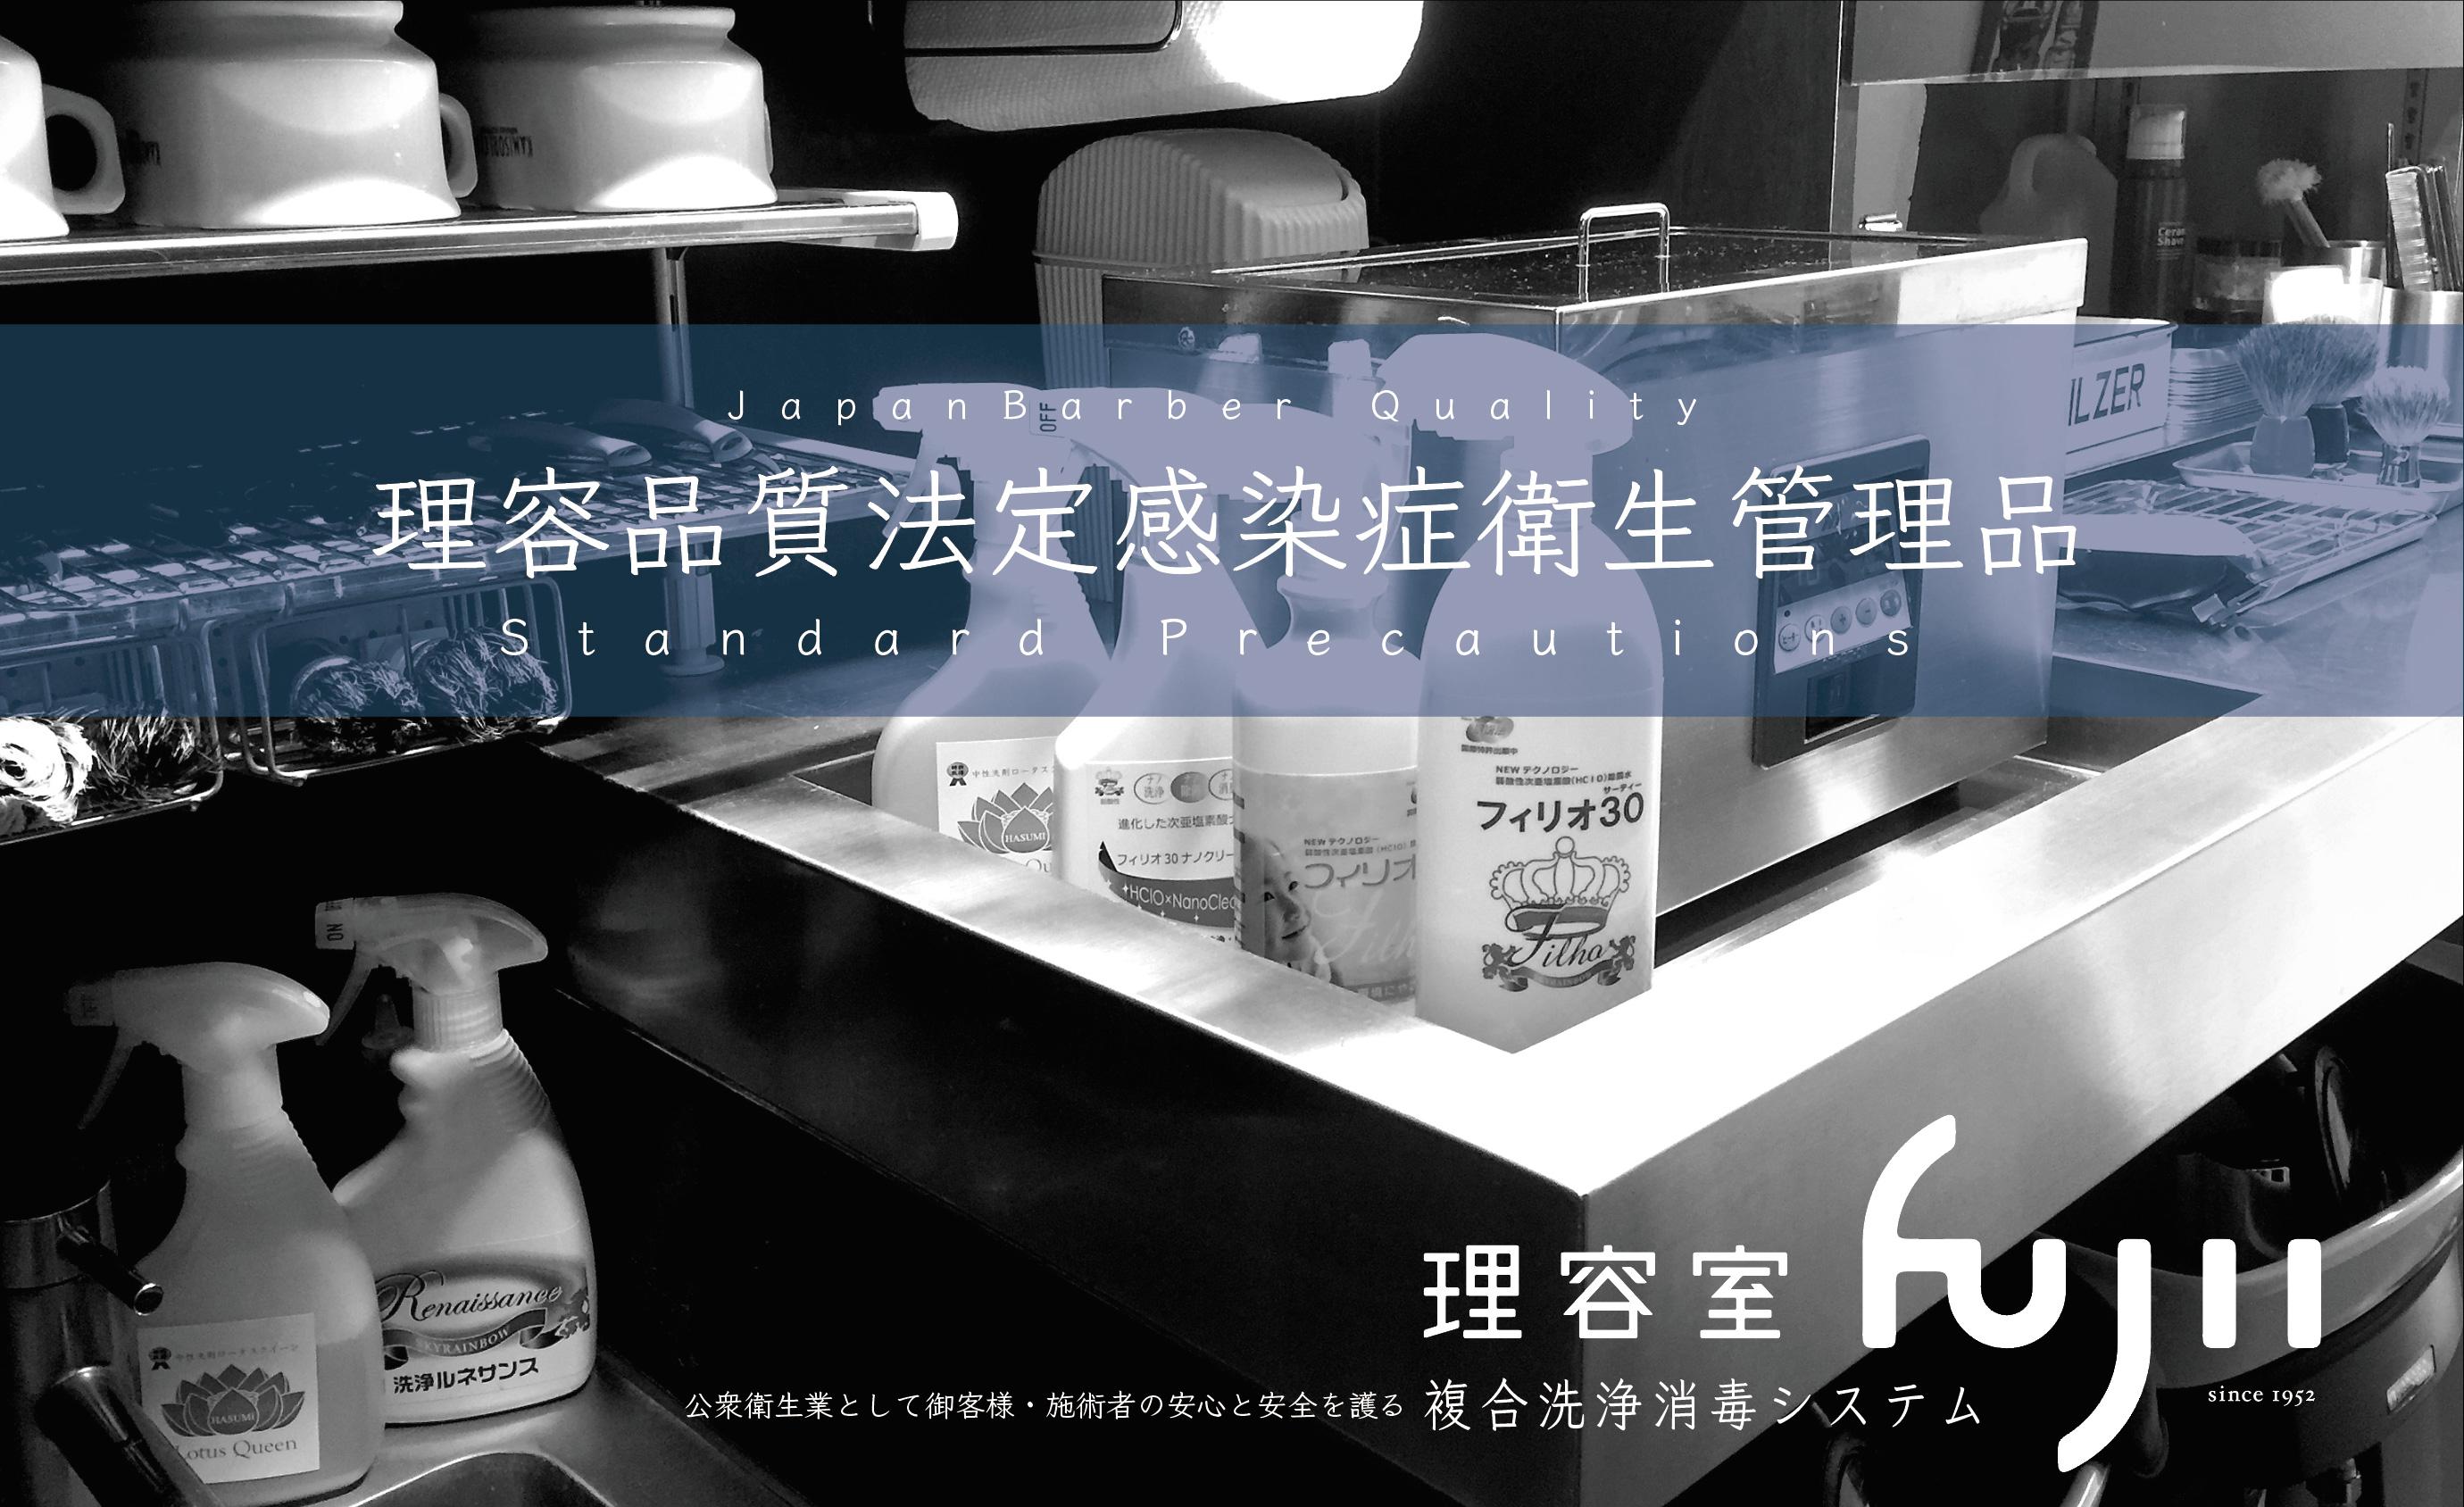 複合洗浄消毒SHOP紹介画像2